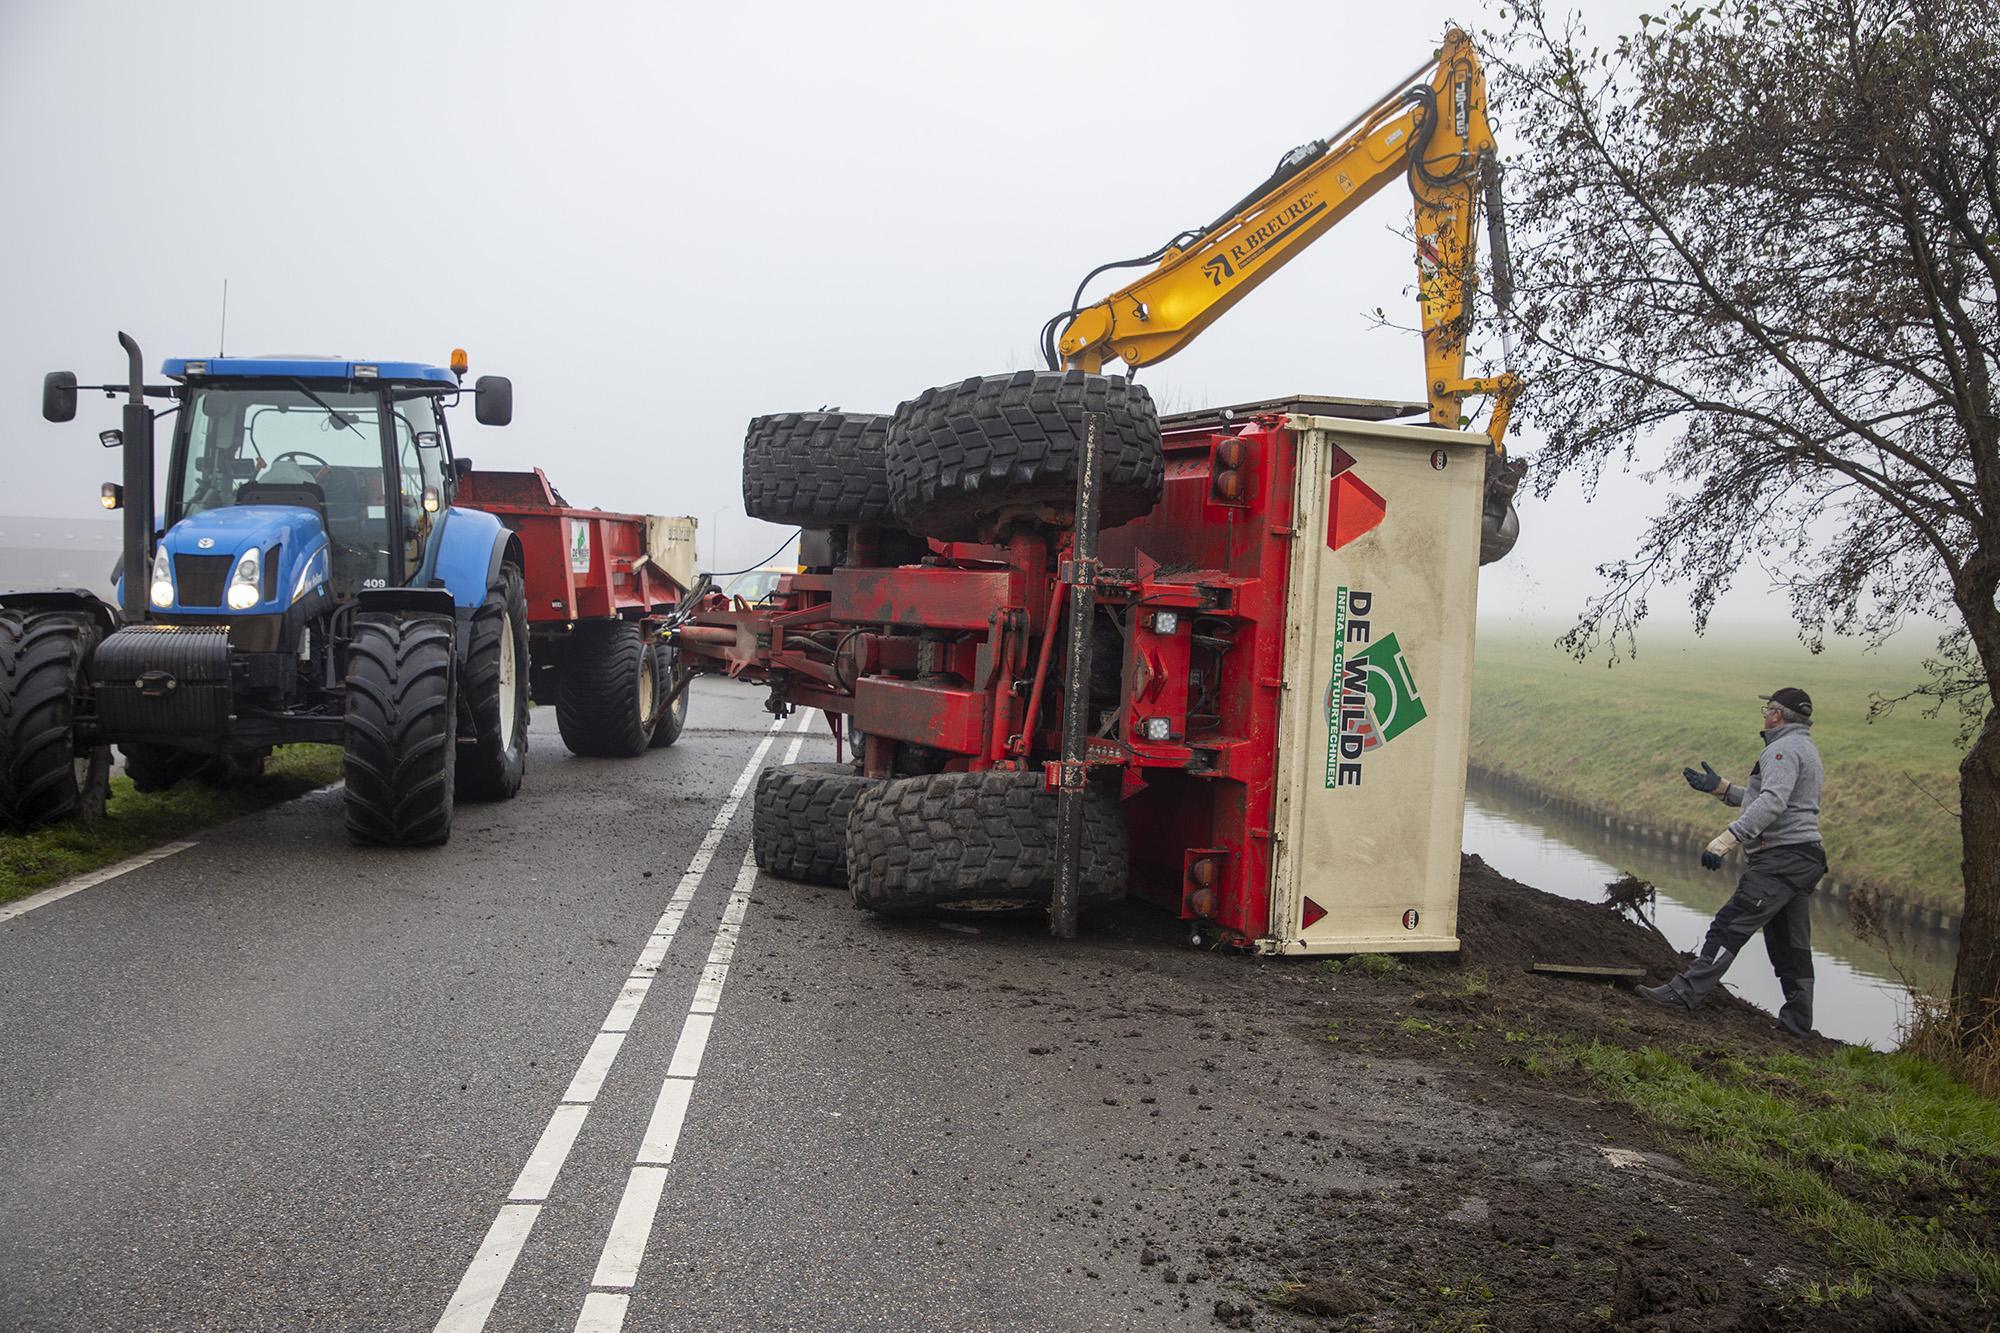 Gekantelde laadbak van tractor blokkeert N232 in Vijfhuizen